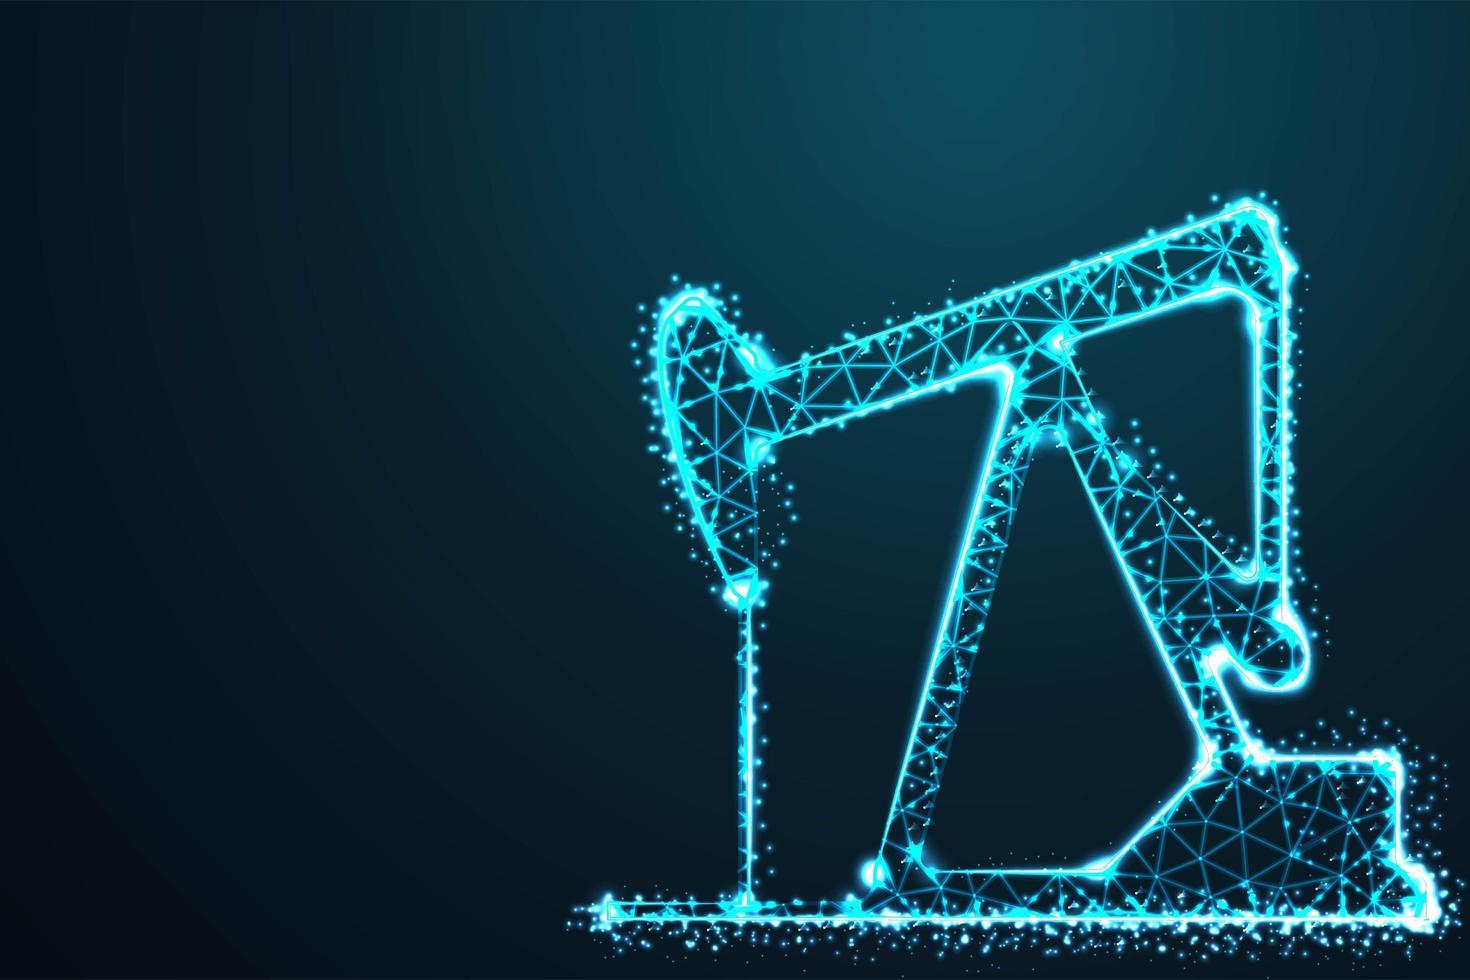 disegno stella blu notte di estrazione dell'olio vettore